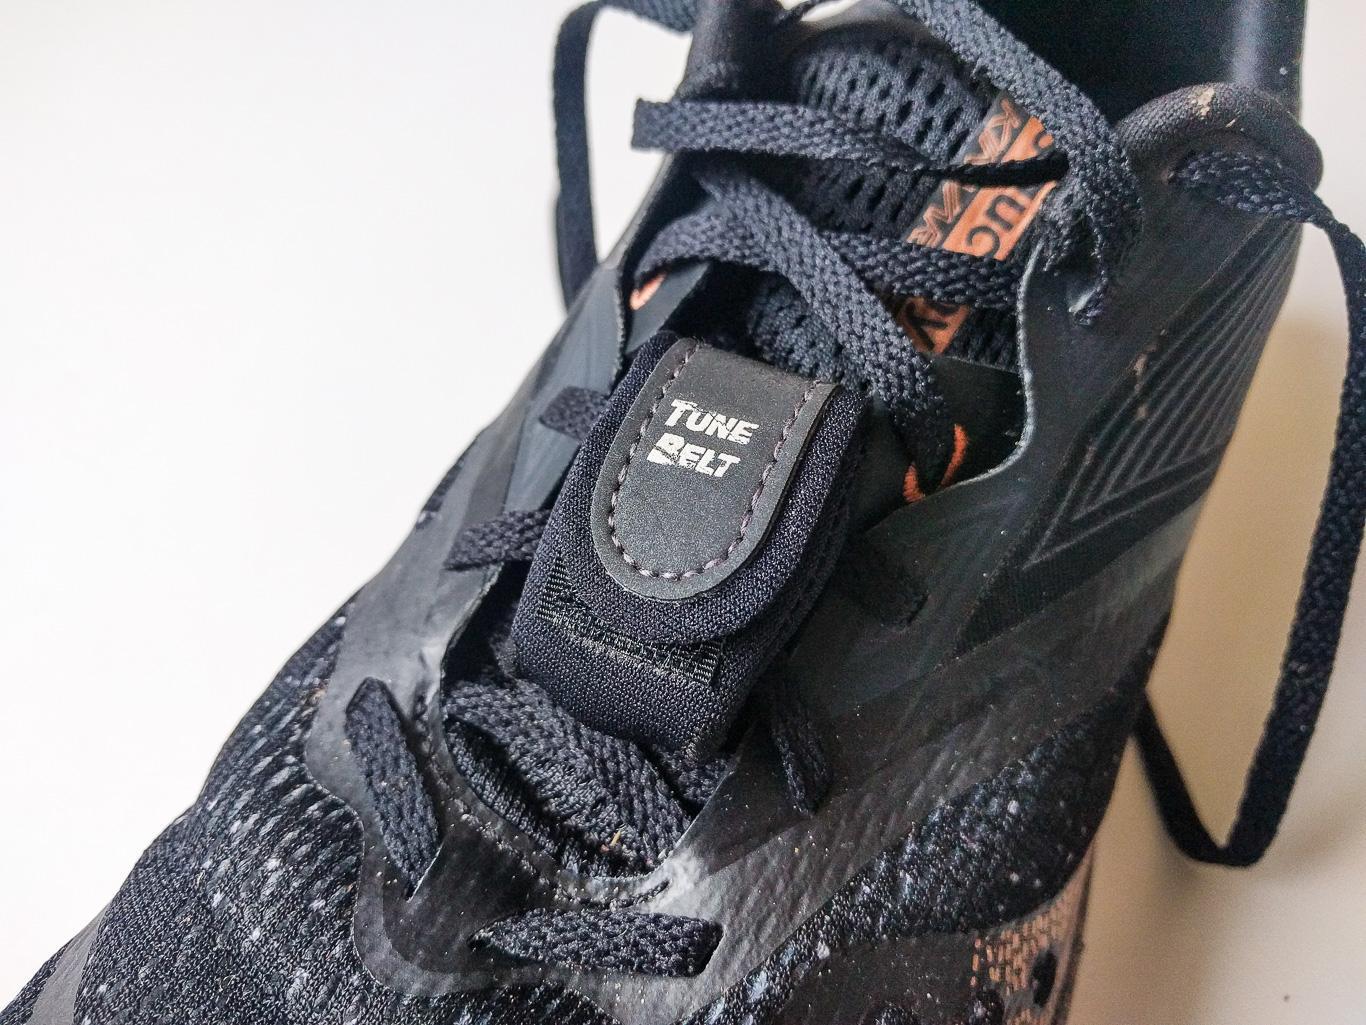 Befestigung am Schuh